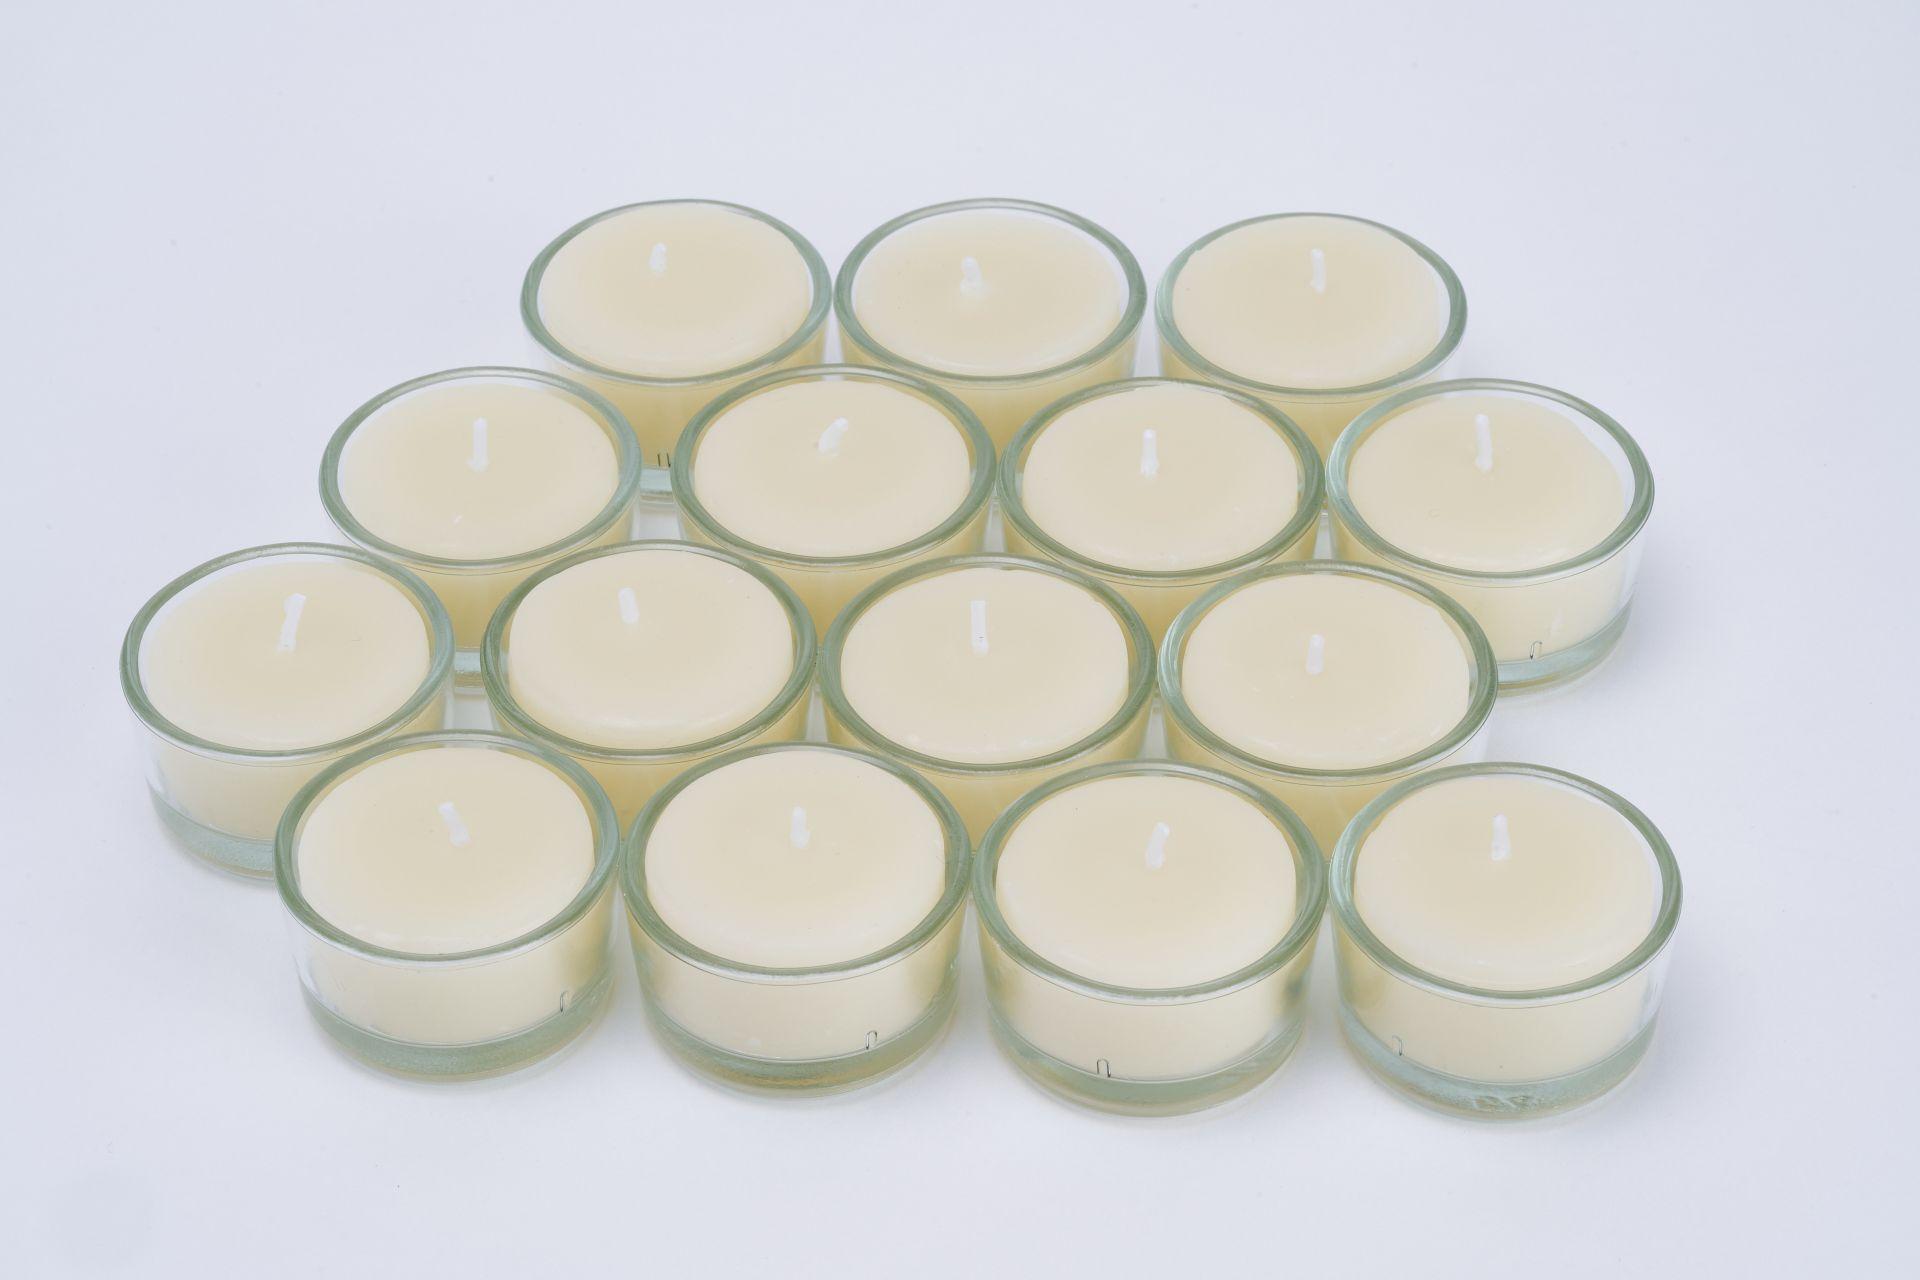 Teelichter aus 100% Bienenwachs - 15 Stk inkl. Teelichtbehälter aus Glas in weiß